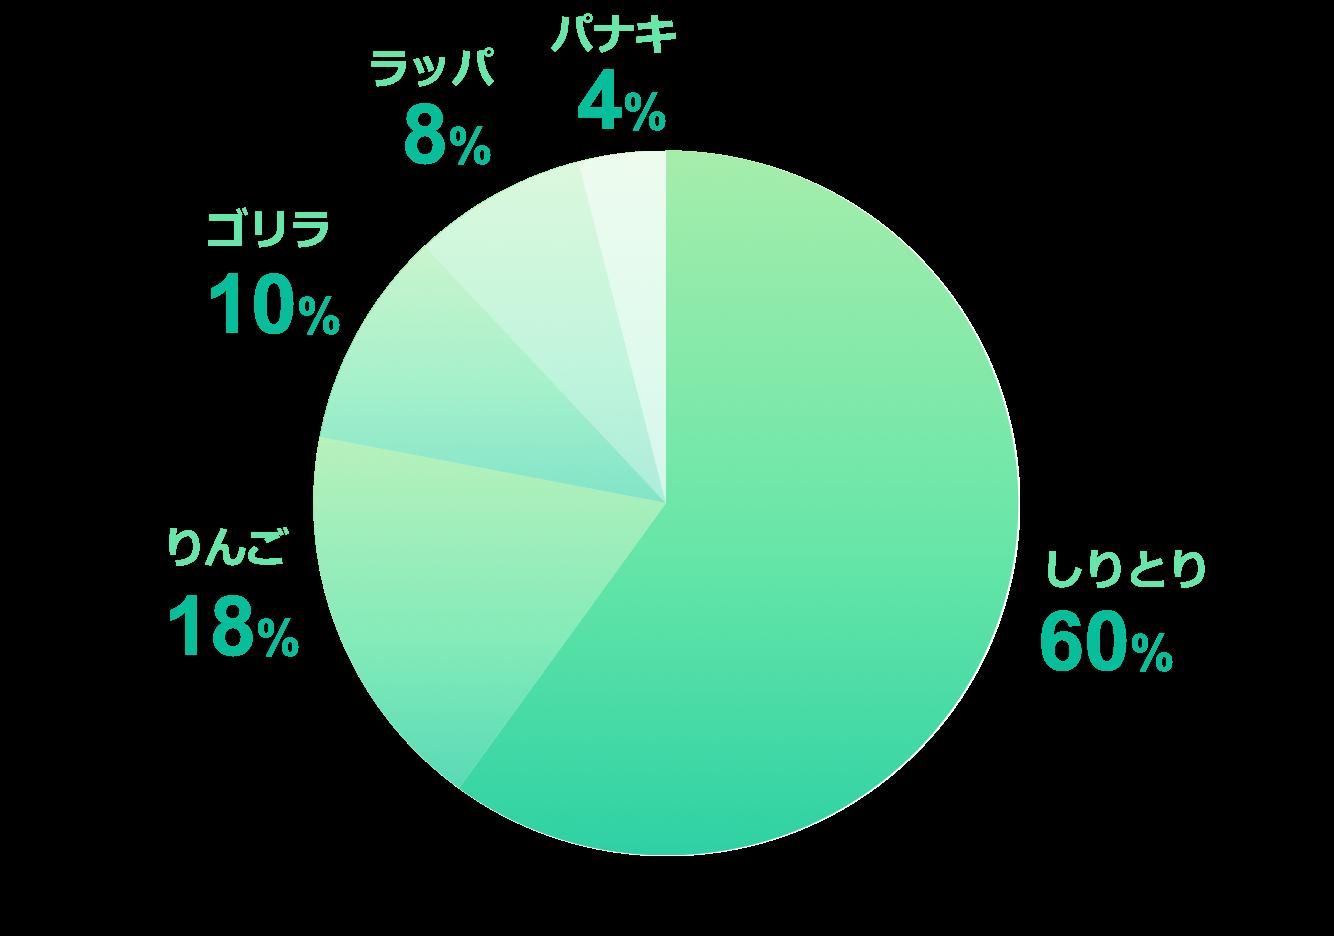 円グラフ緑サンプル